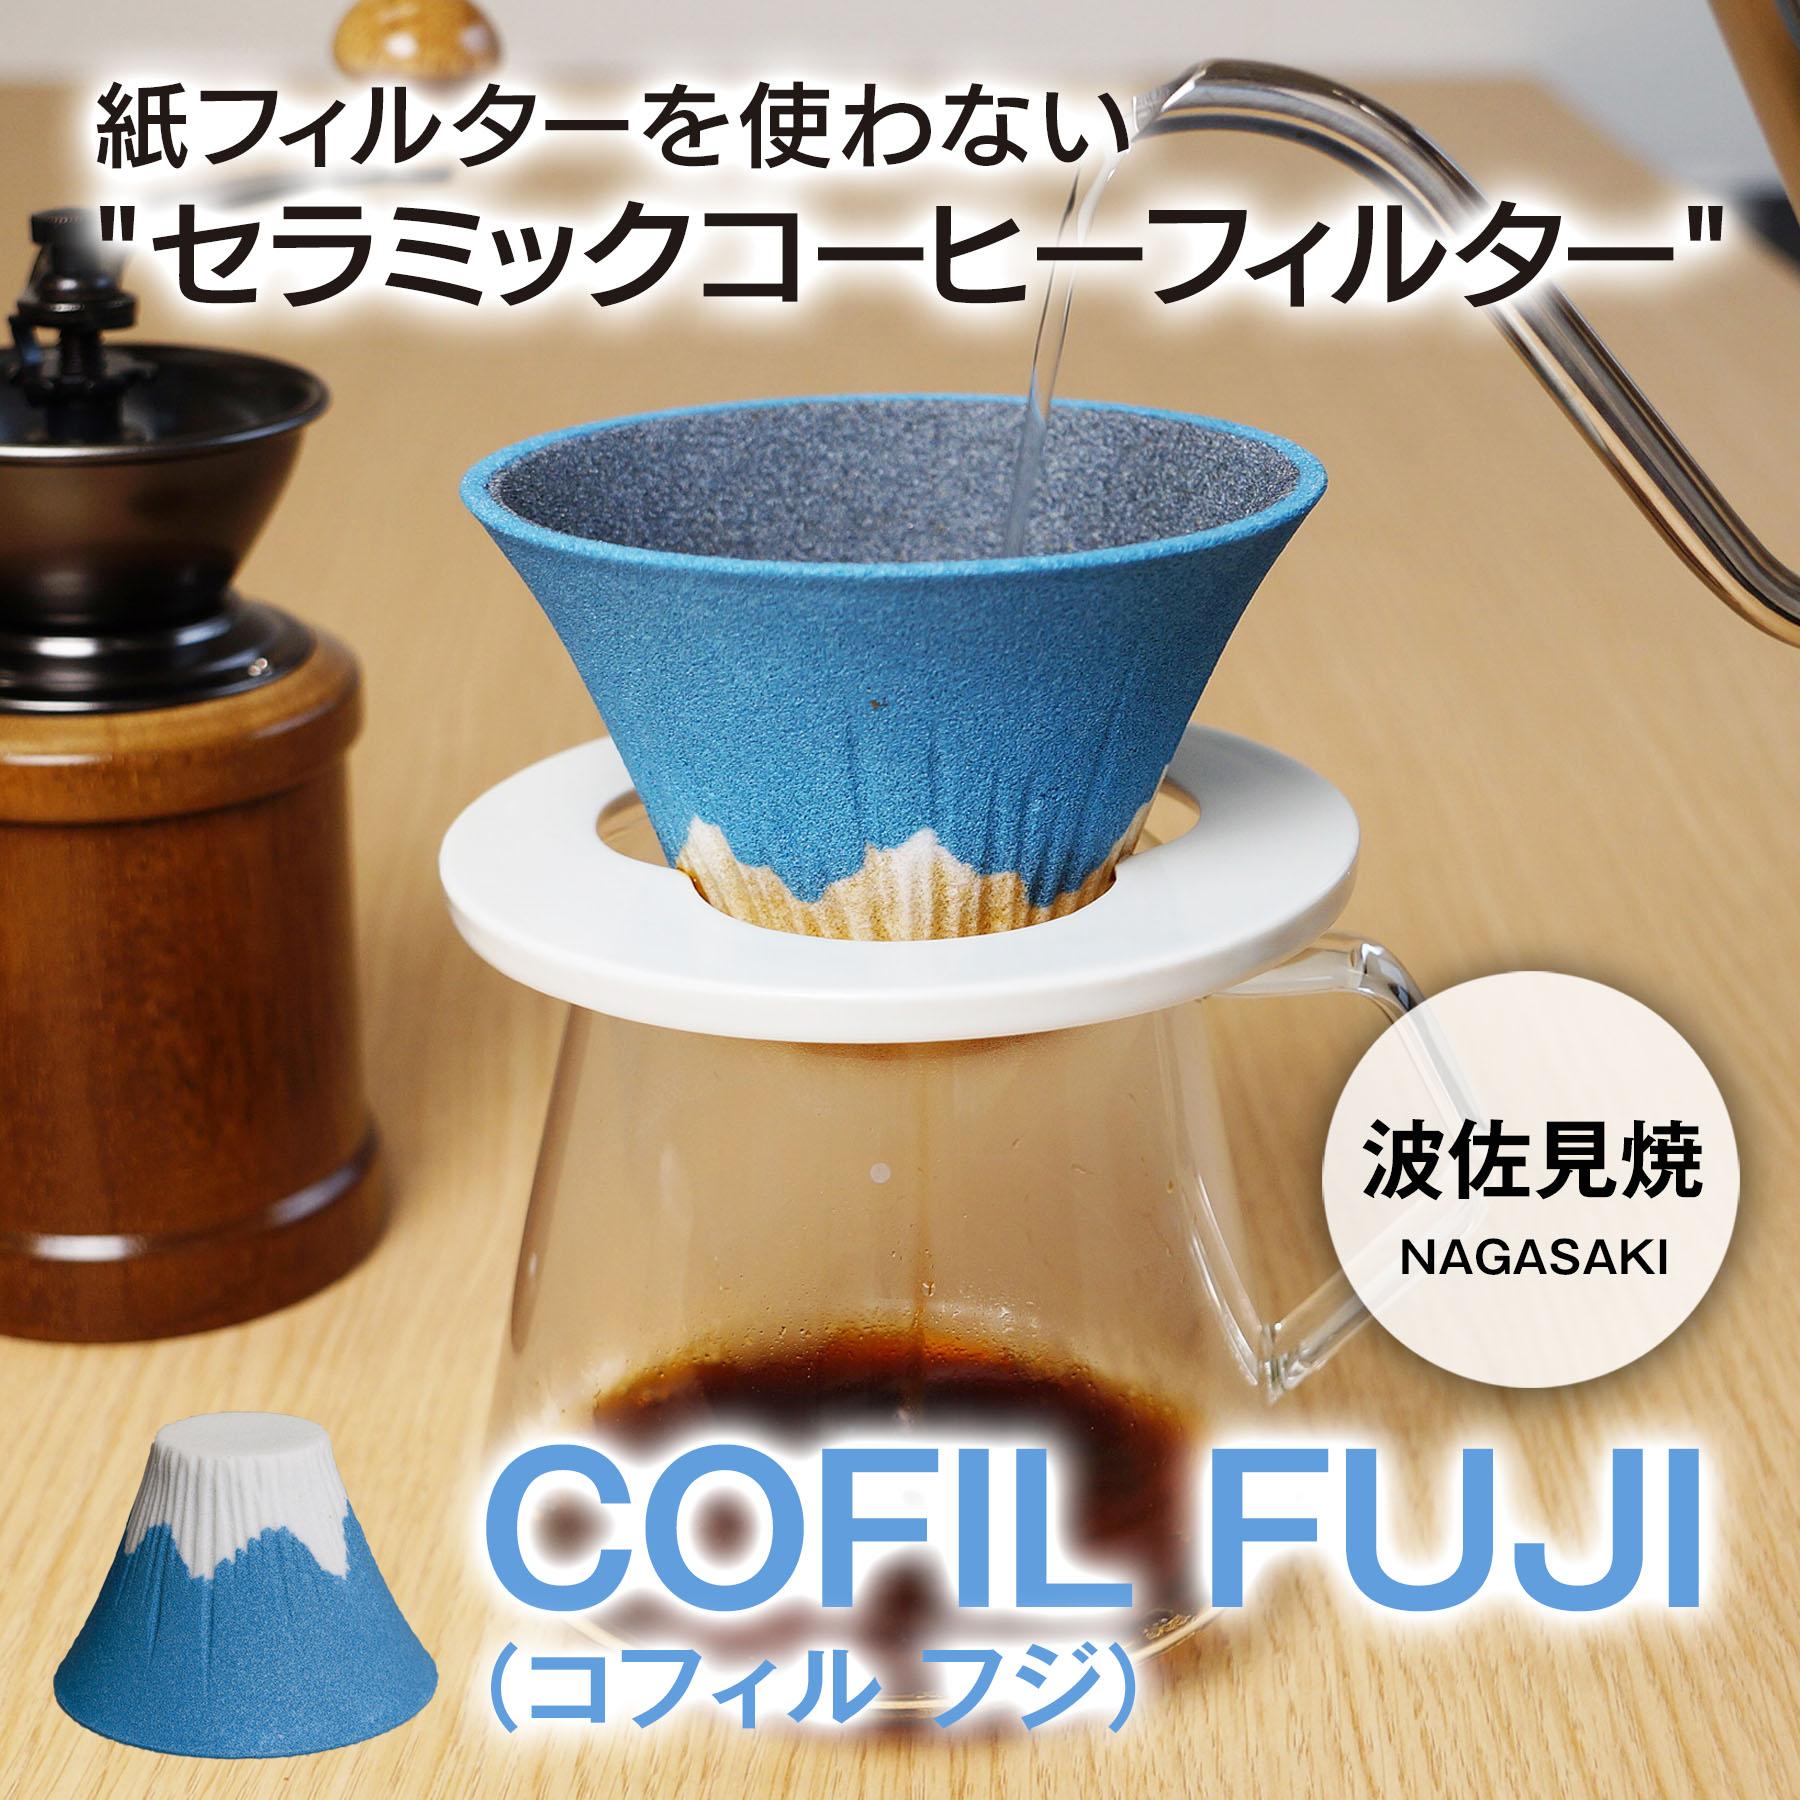 セラミックコーヒーフィルター「COFIL FUJI」コフィルフジ